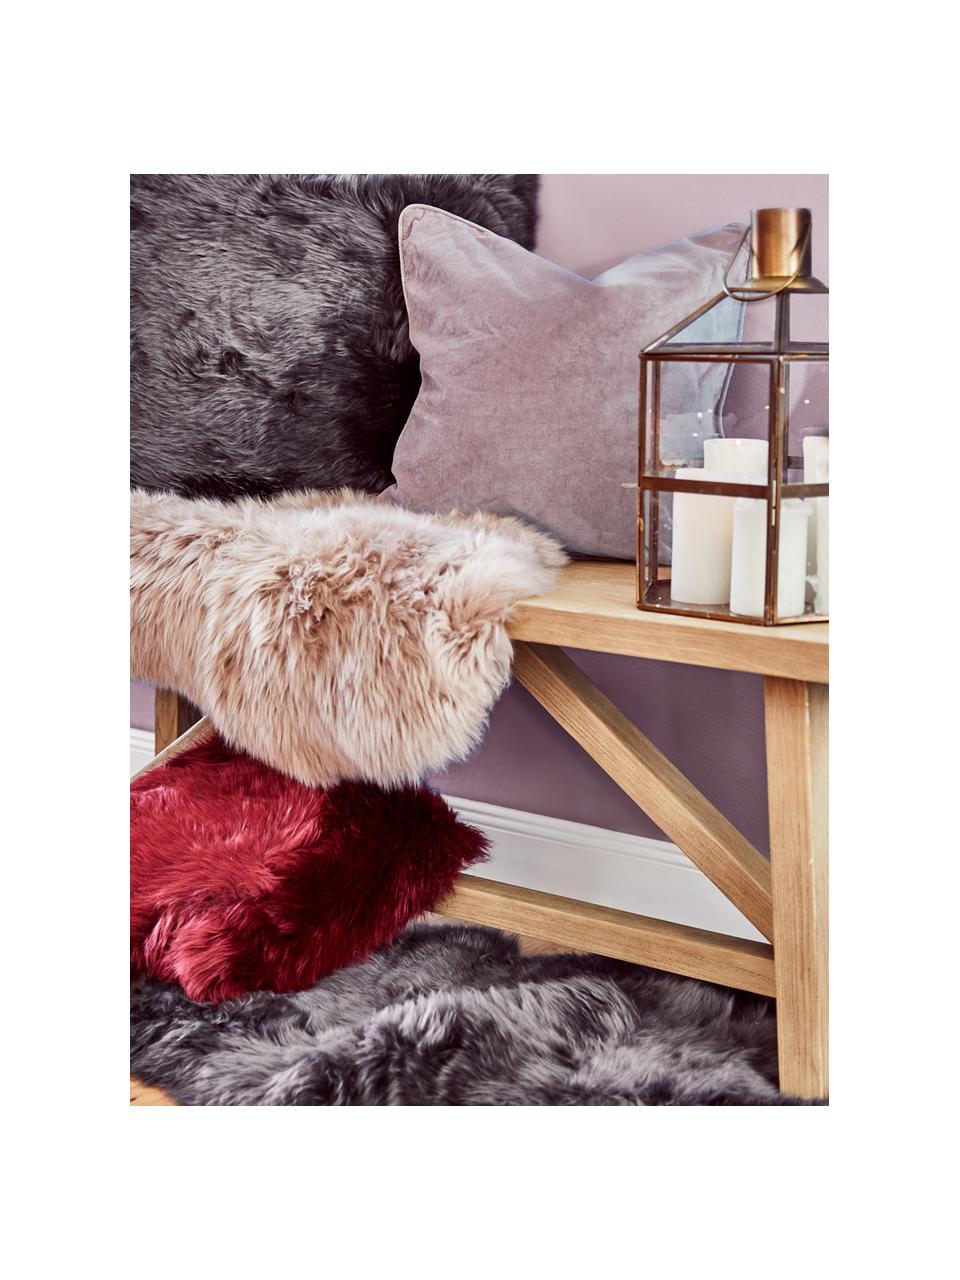 Poszewka na poduszkę z aksamitu Dana, 100% aksamit bawełniany, Brudny różowy, S 50 x D 50 cm